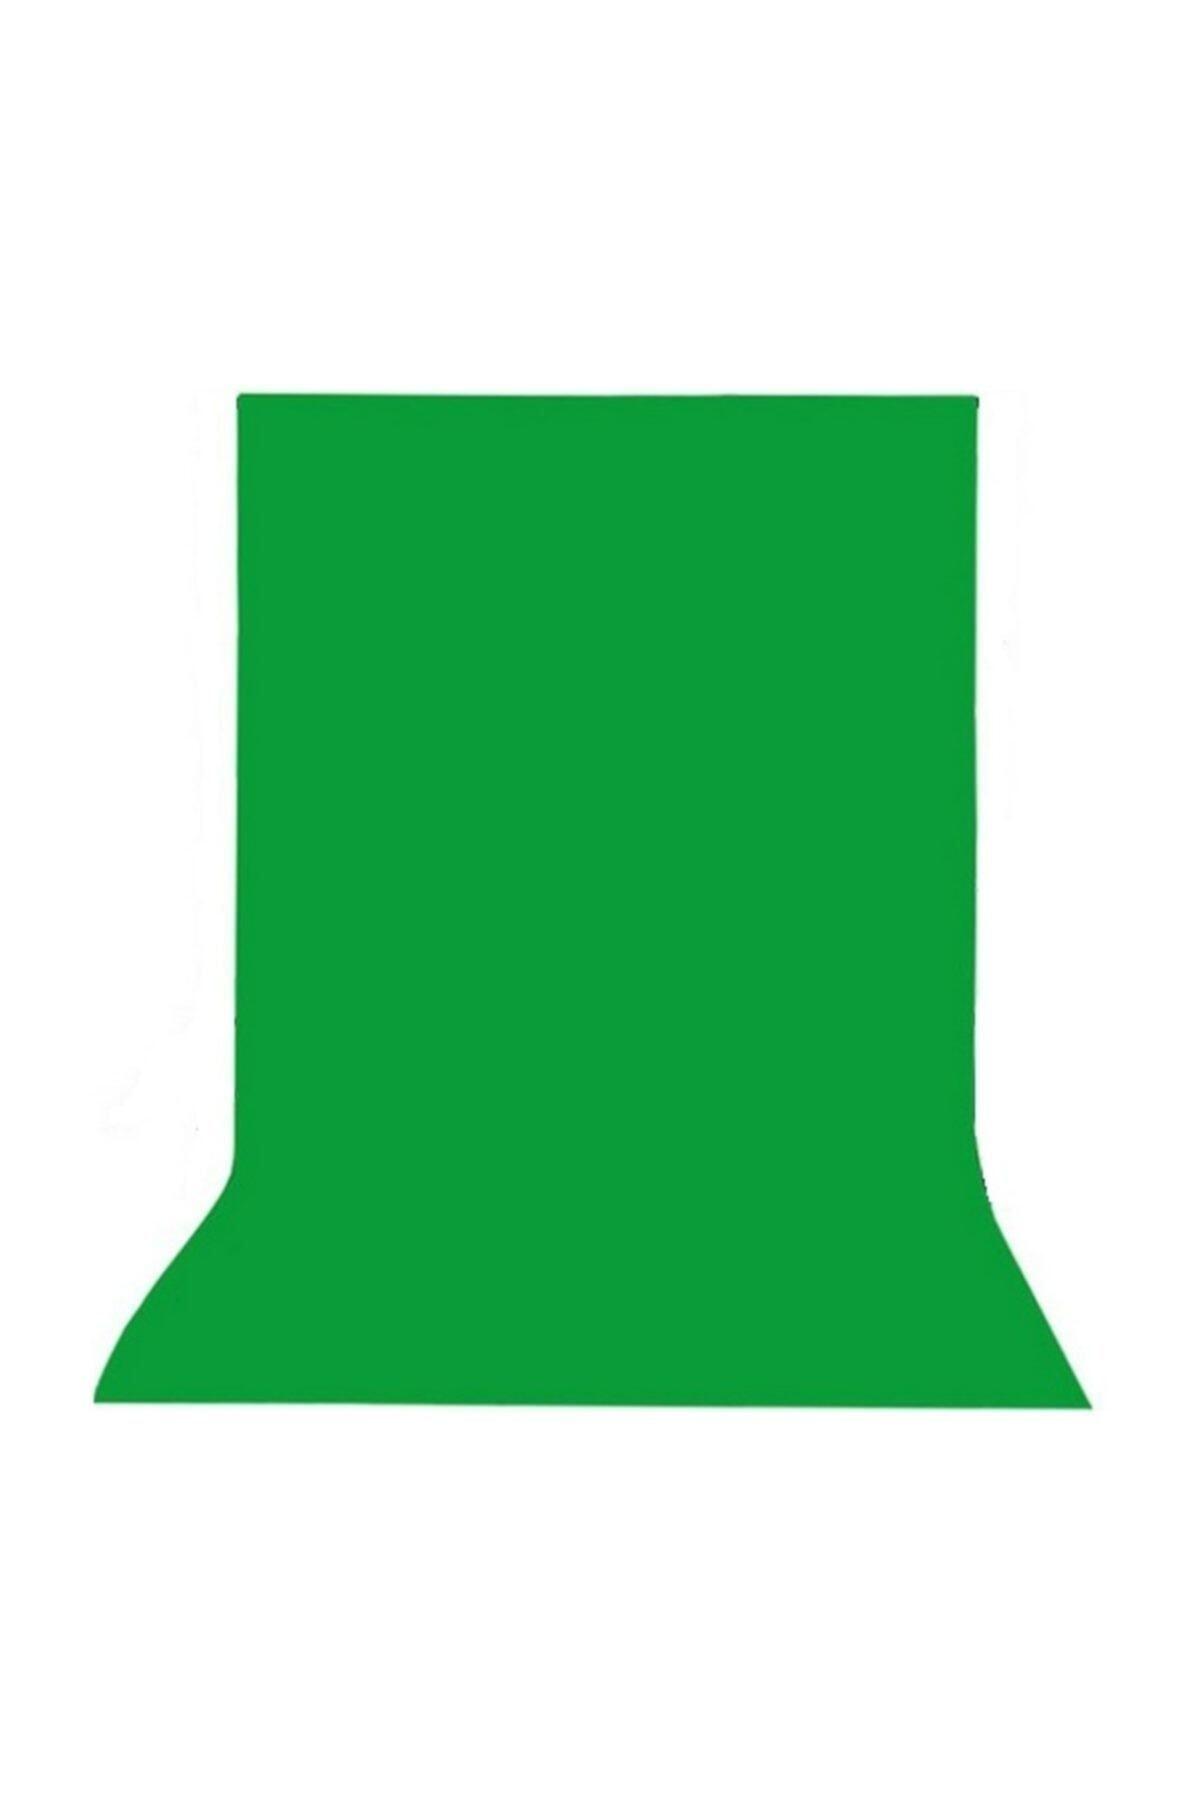 1.5x2 m Chromakey-Green Screen- Greenbox Yeşil Fon Perde